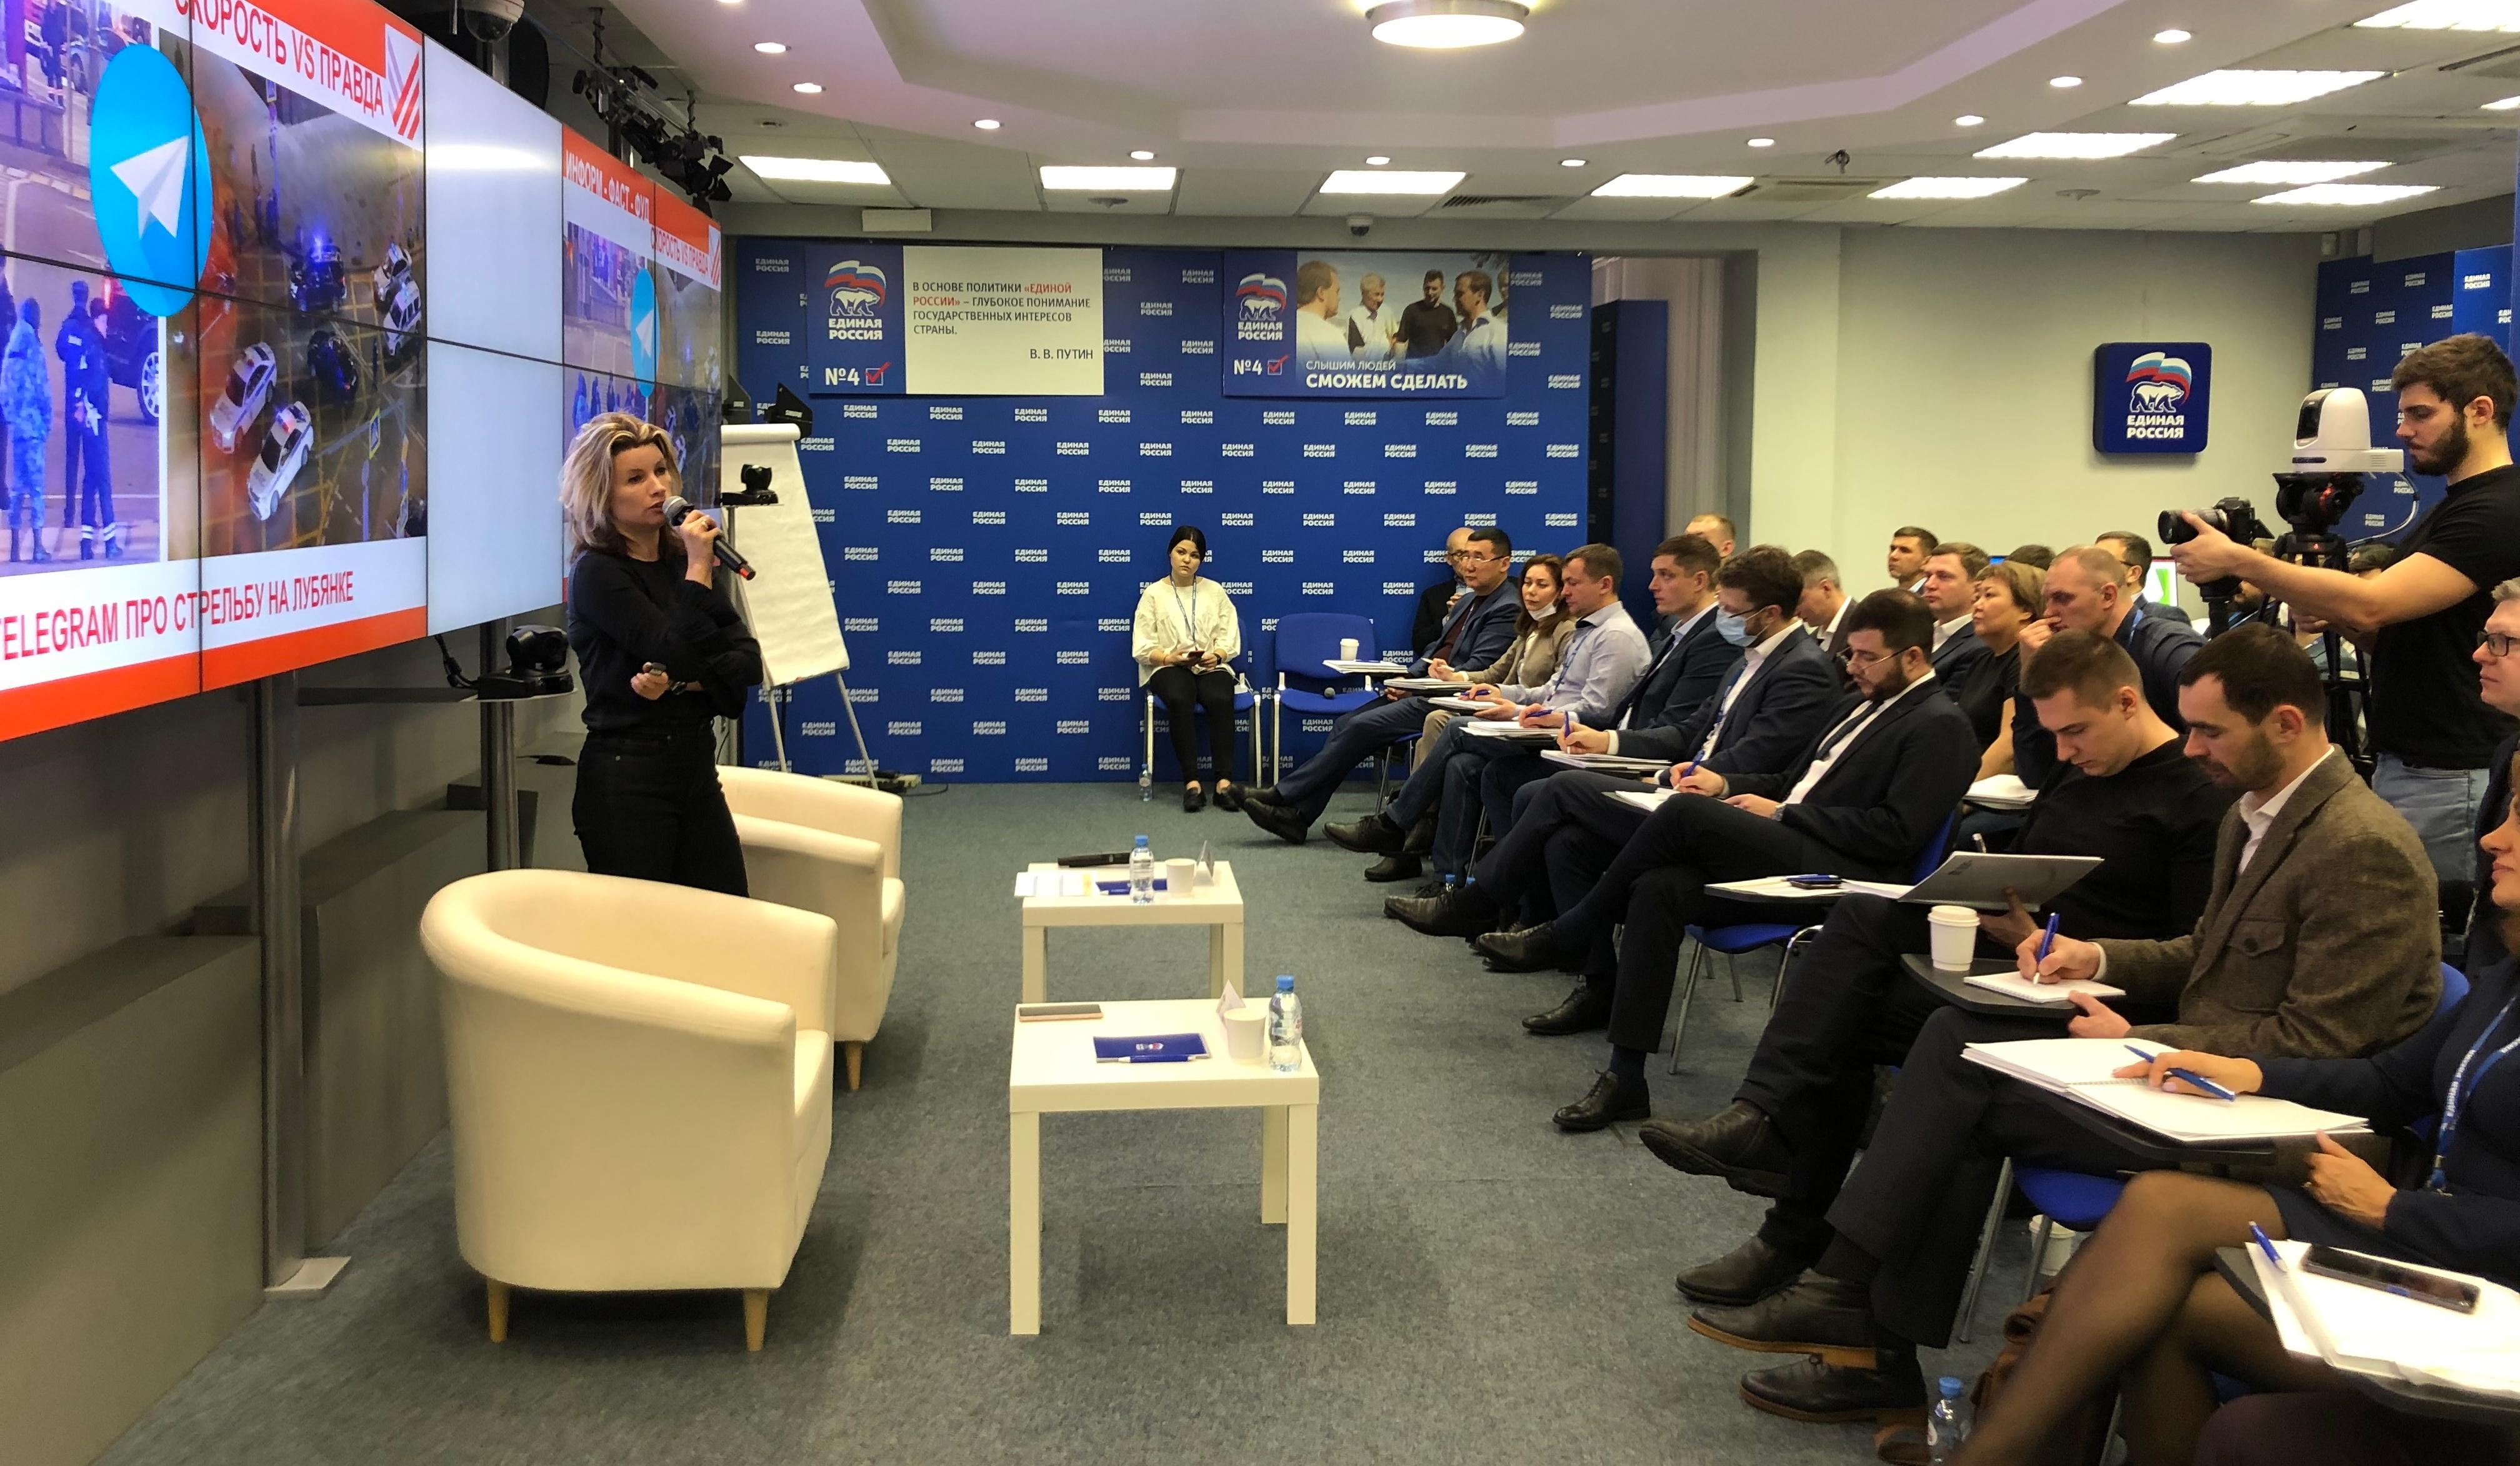 Евгения Стулова: Женщинам в политике нужны новые образы